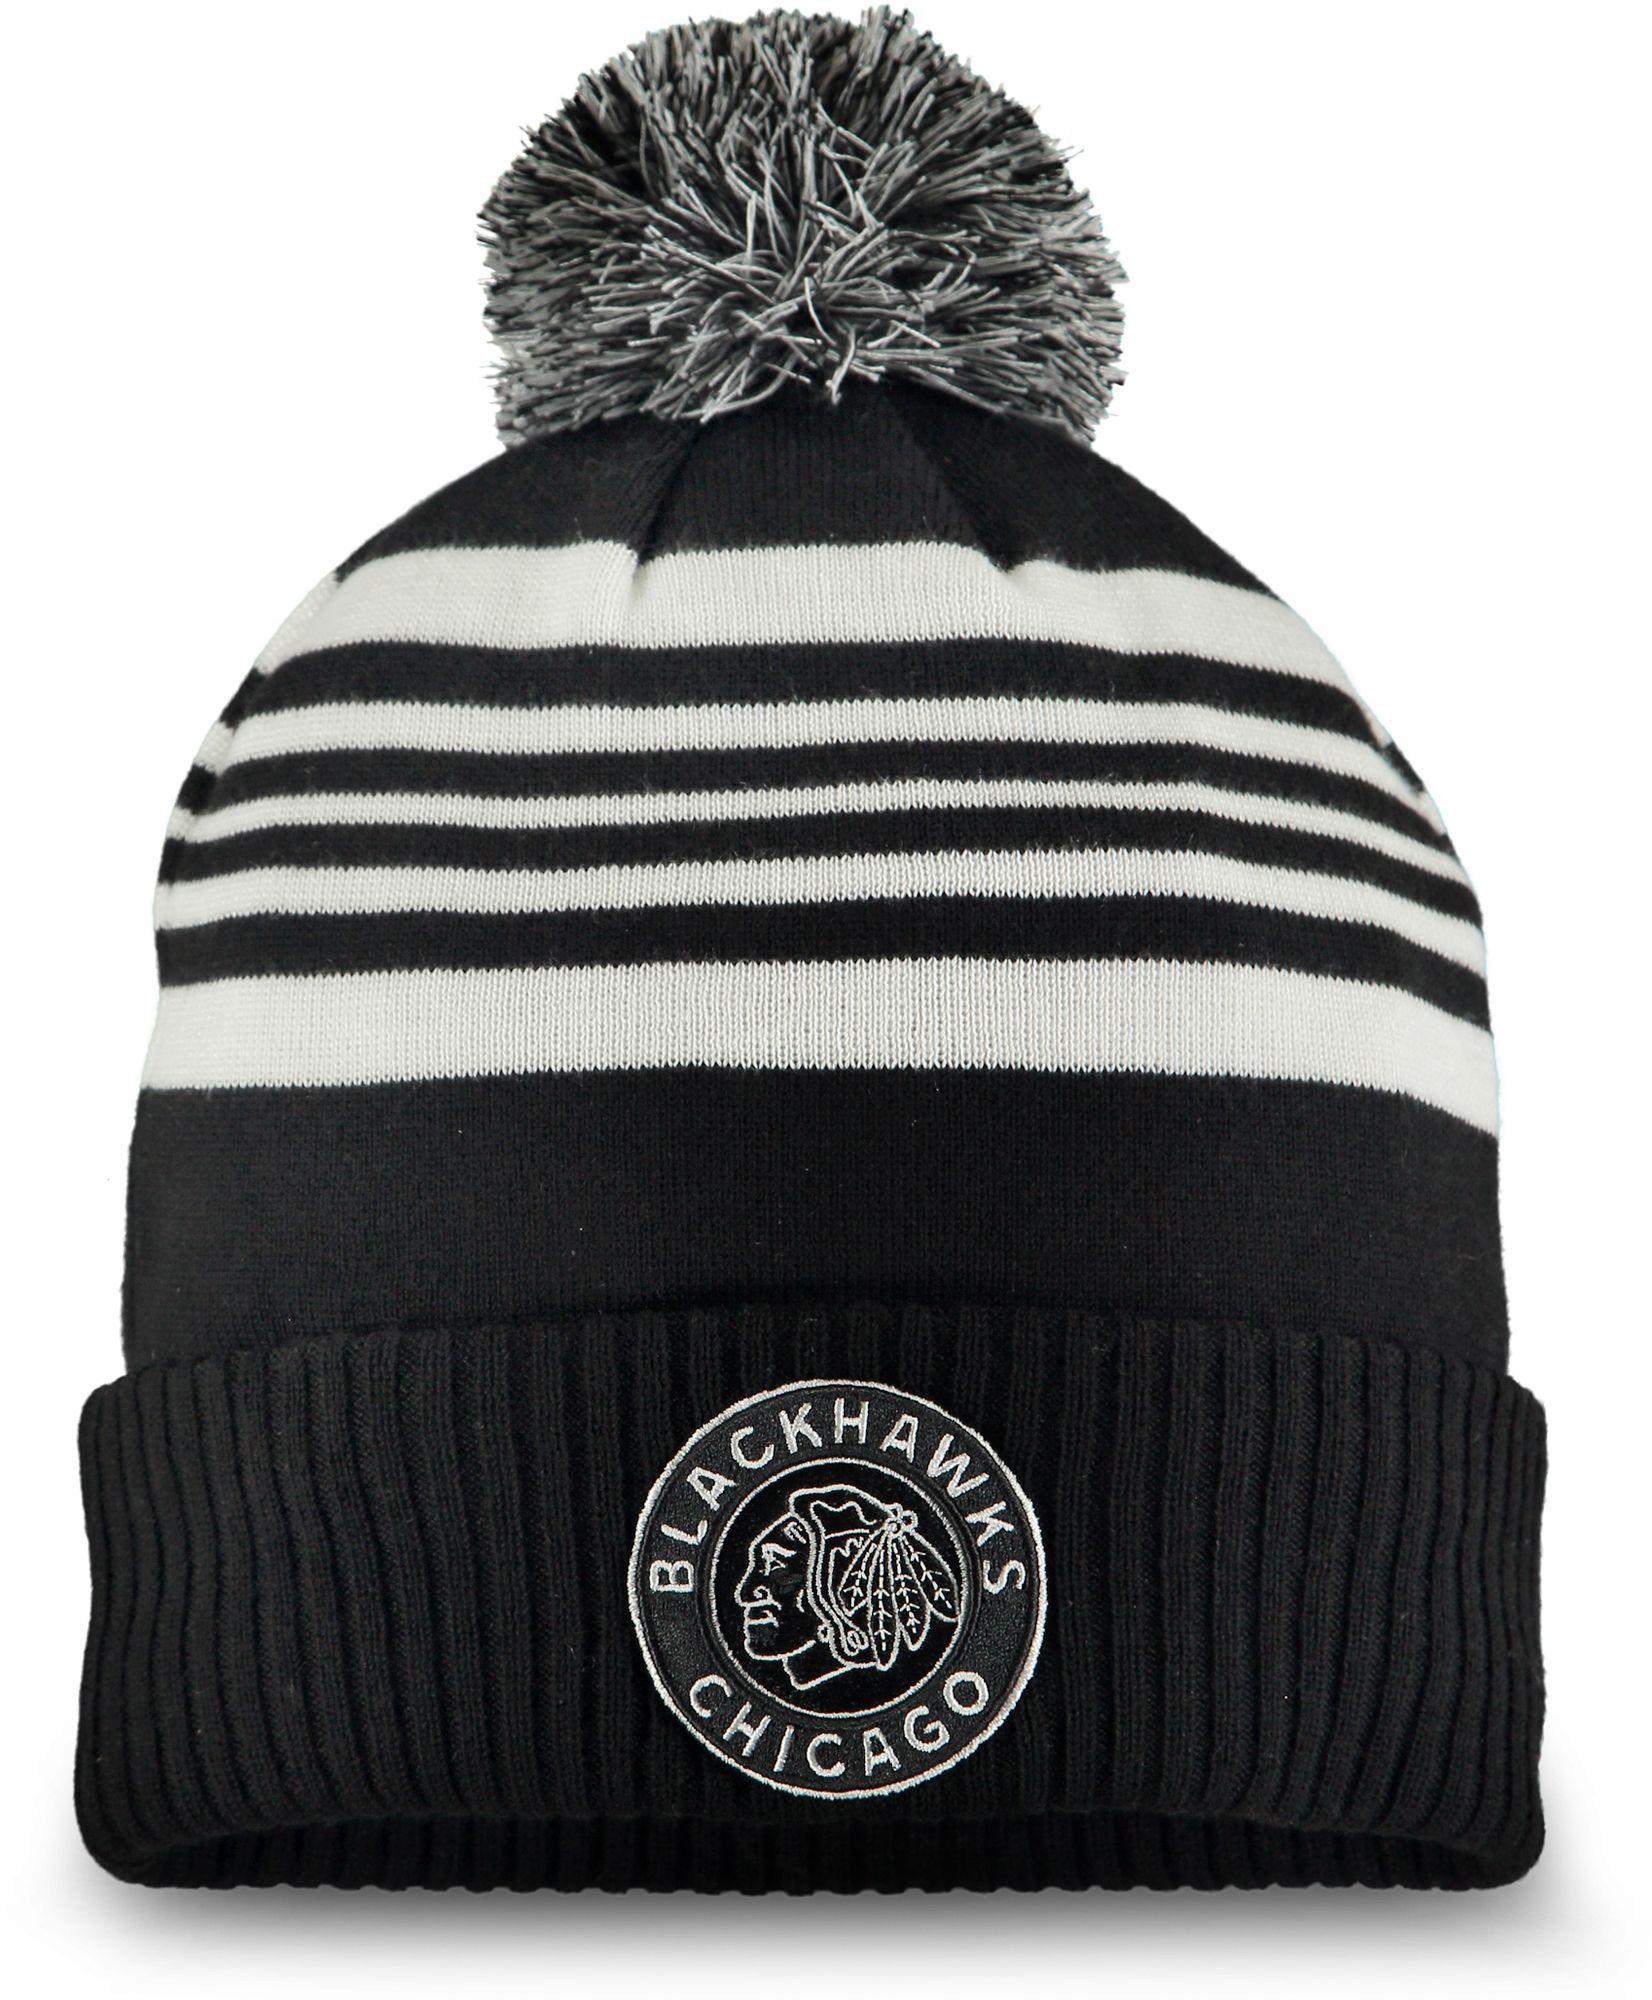 af8577576 NHL Men s 2019 Winter Classic Chicago Blackhawks Black Pom Knit Beanie  Chicago Blackhawks